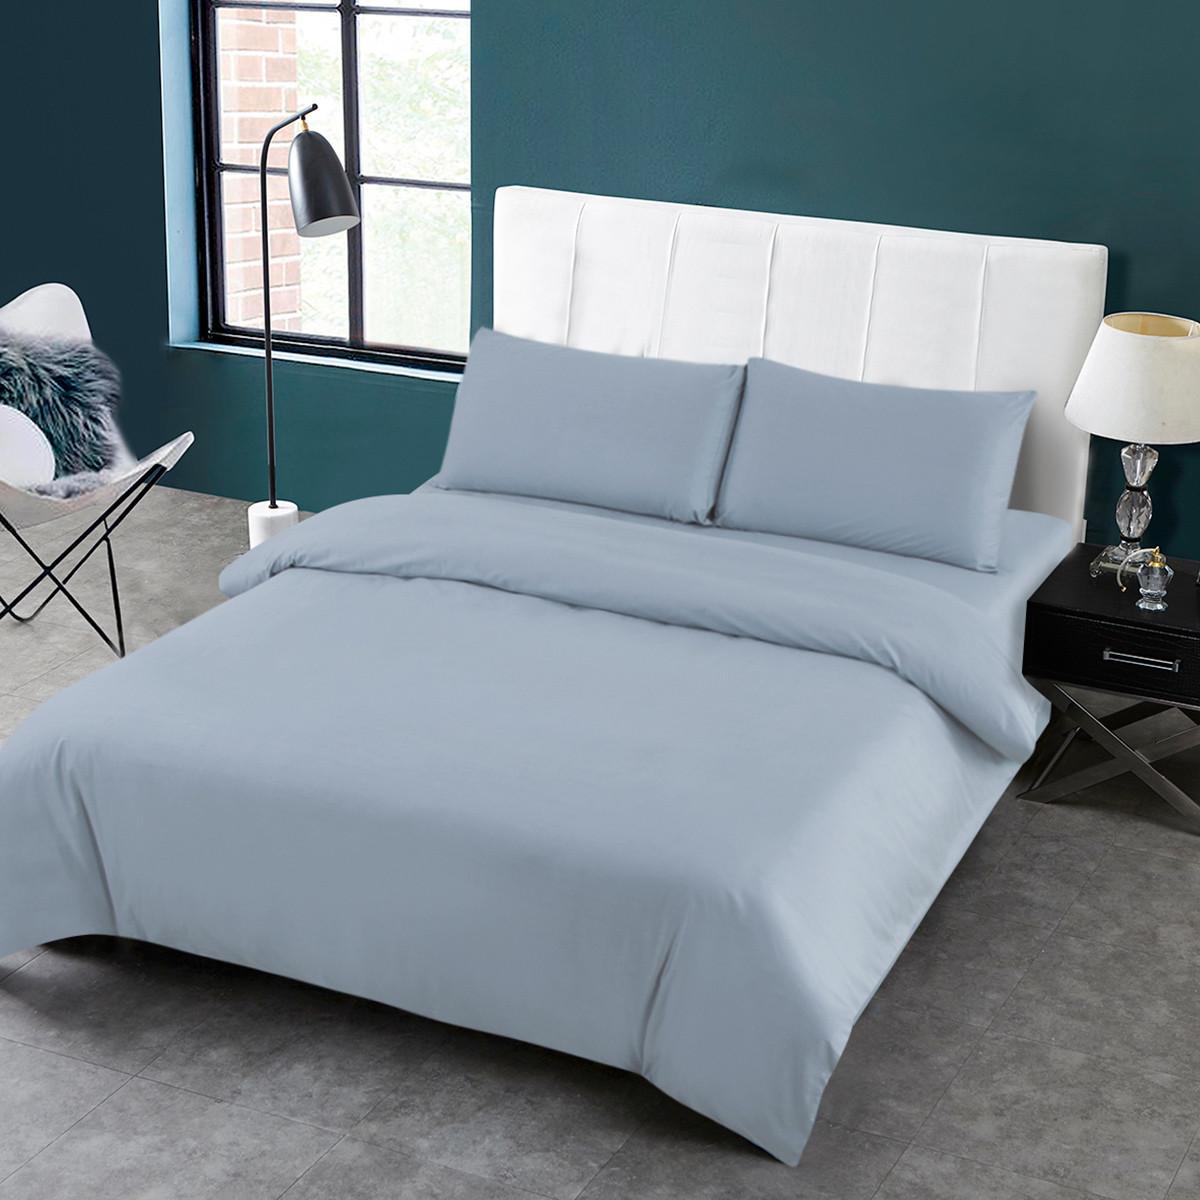 Ramada四季款纯棉纯色床上套件被套床单全棉四件套床上用品纯棉四件套BS171055L